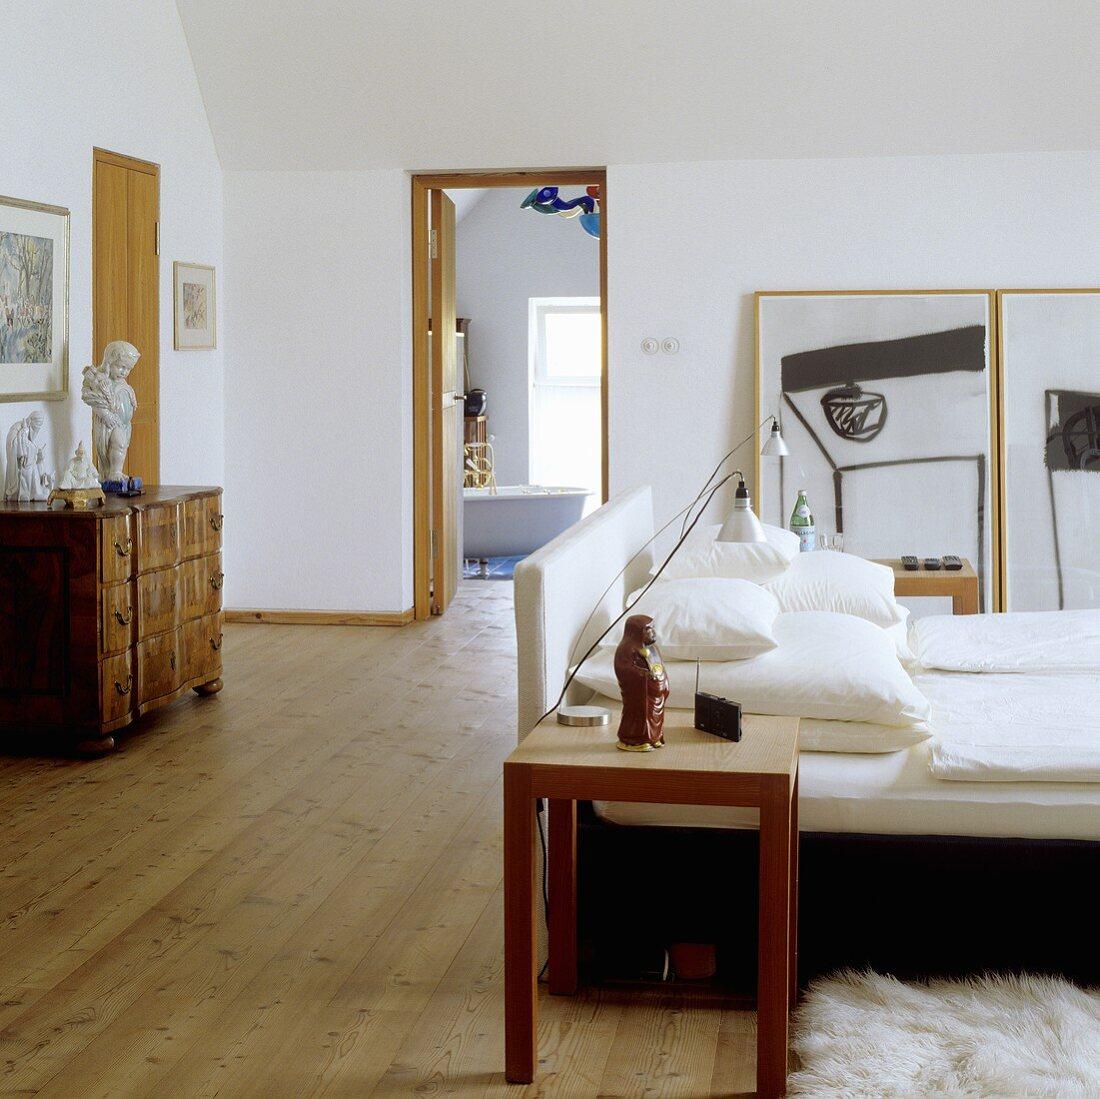 An attic bedroom with an en suite bathroom